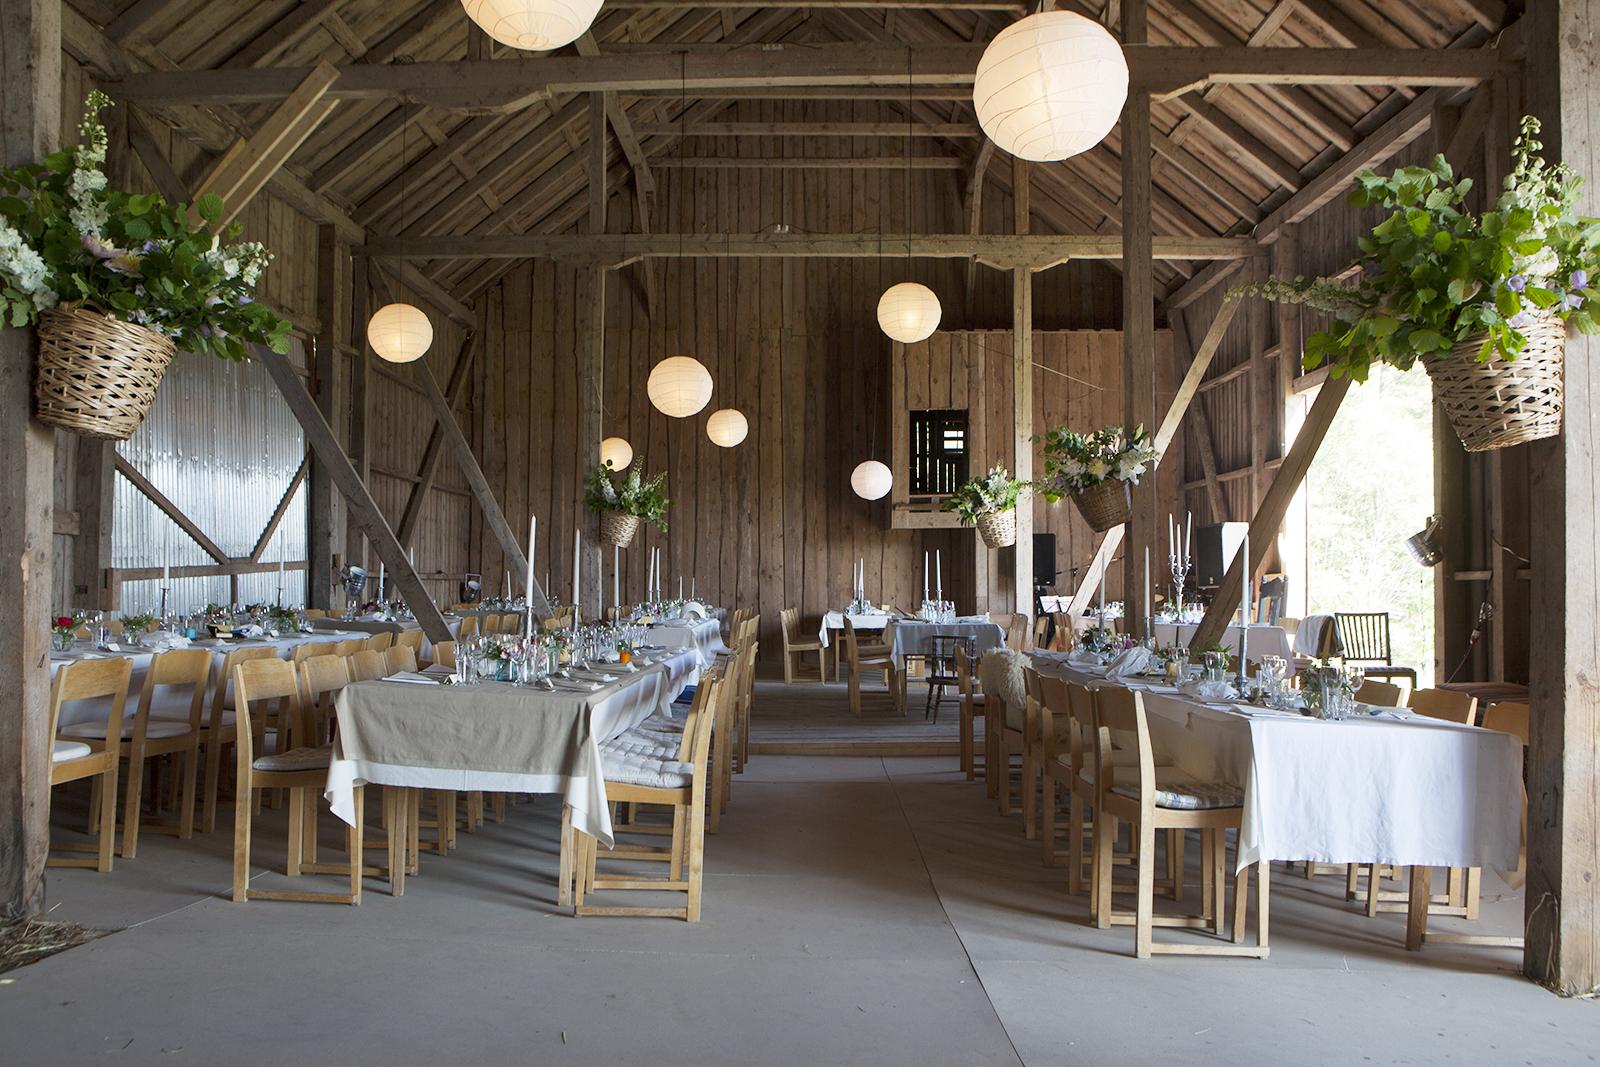 Lantligt Bröllop Stockholm ~ Bröllop på landet, bröllopslokal festlokal Södermanland Stockholm